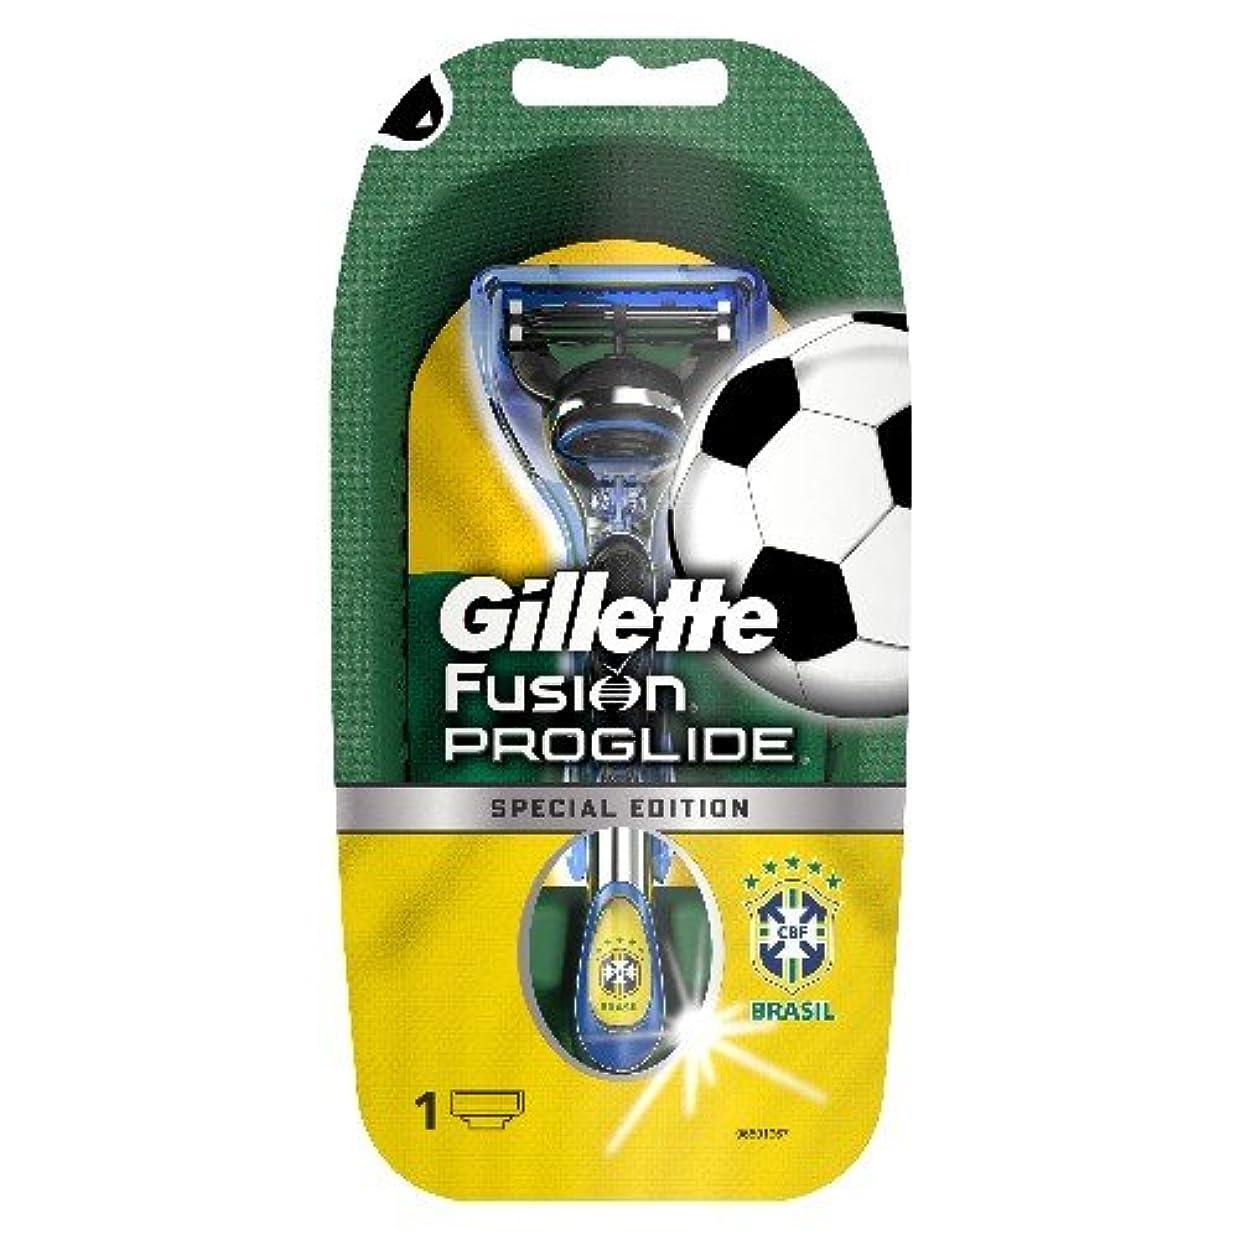 ヒープメニュー平和的【数量限定品】 ジレット プログライド サッカーブラジルモデルホルダー